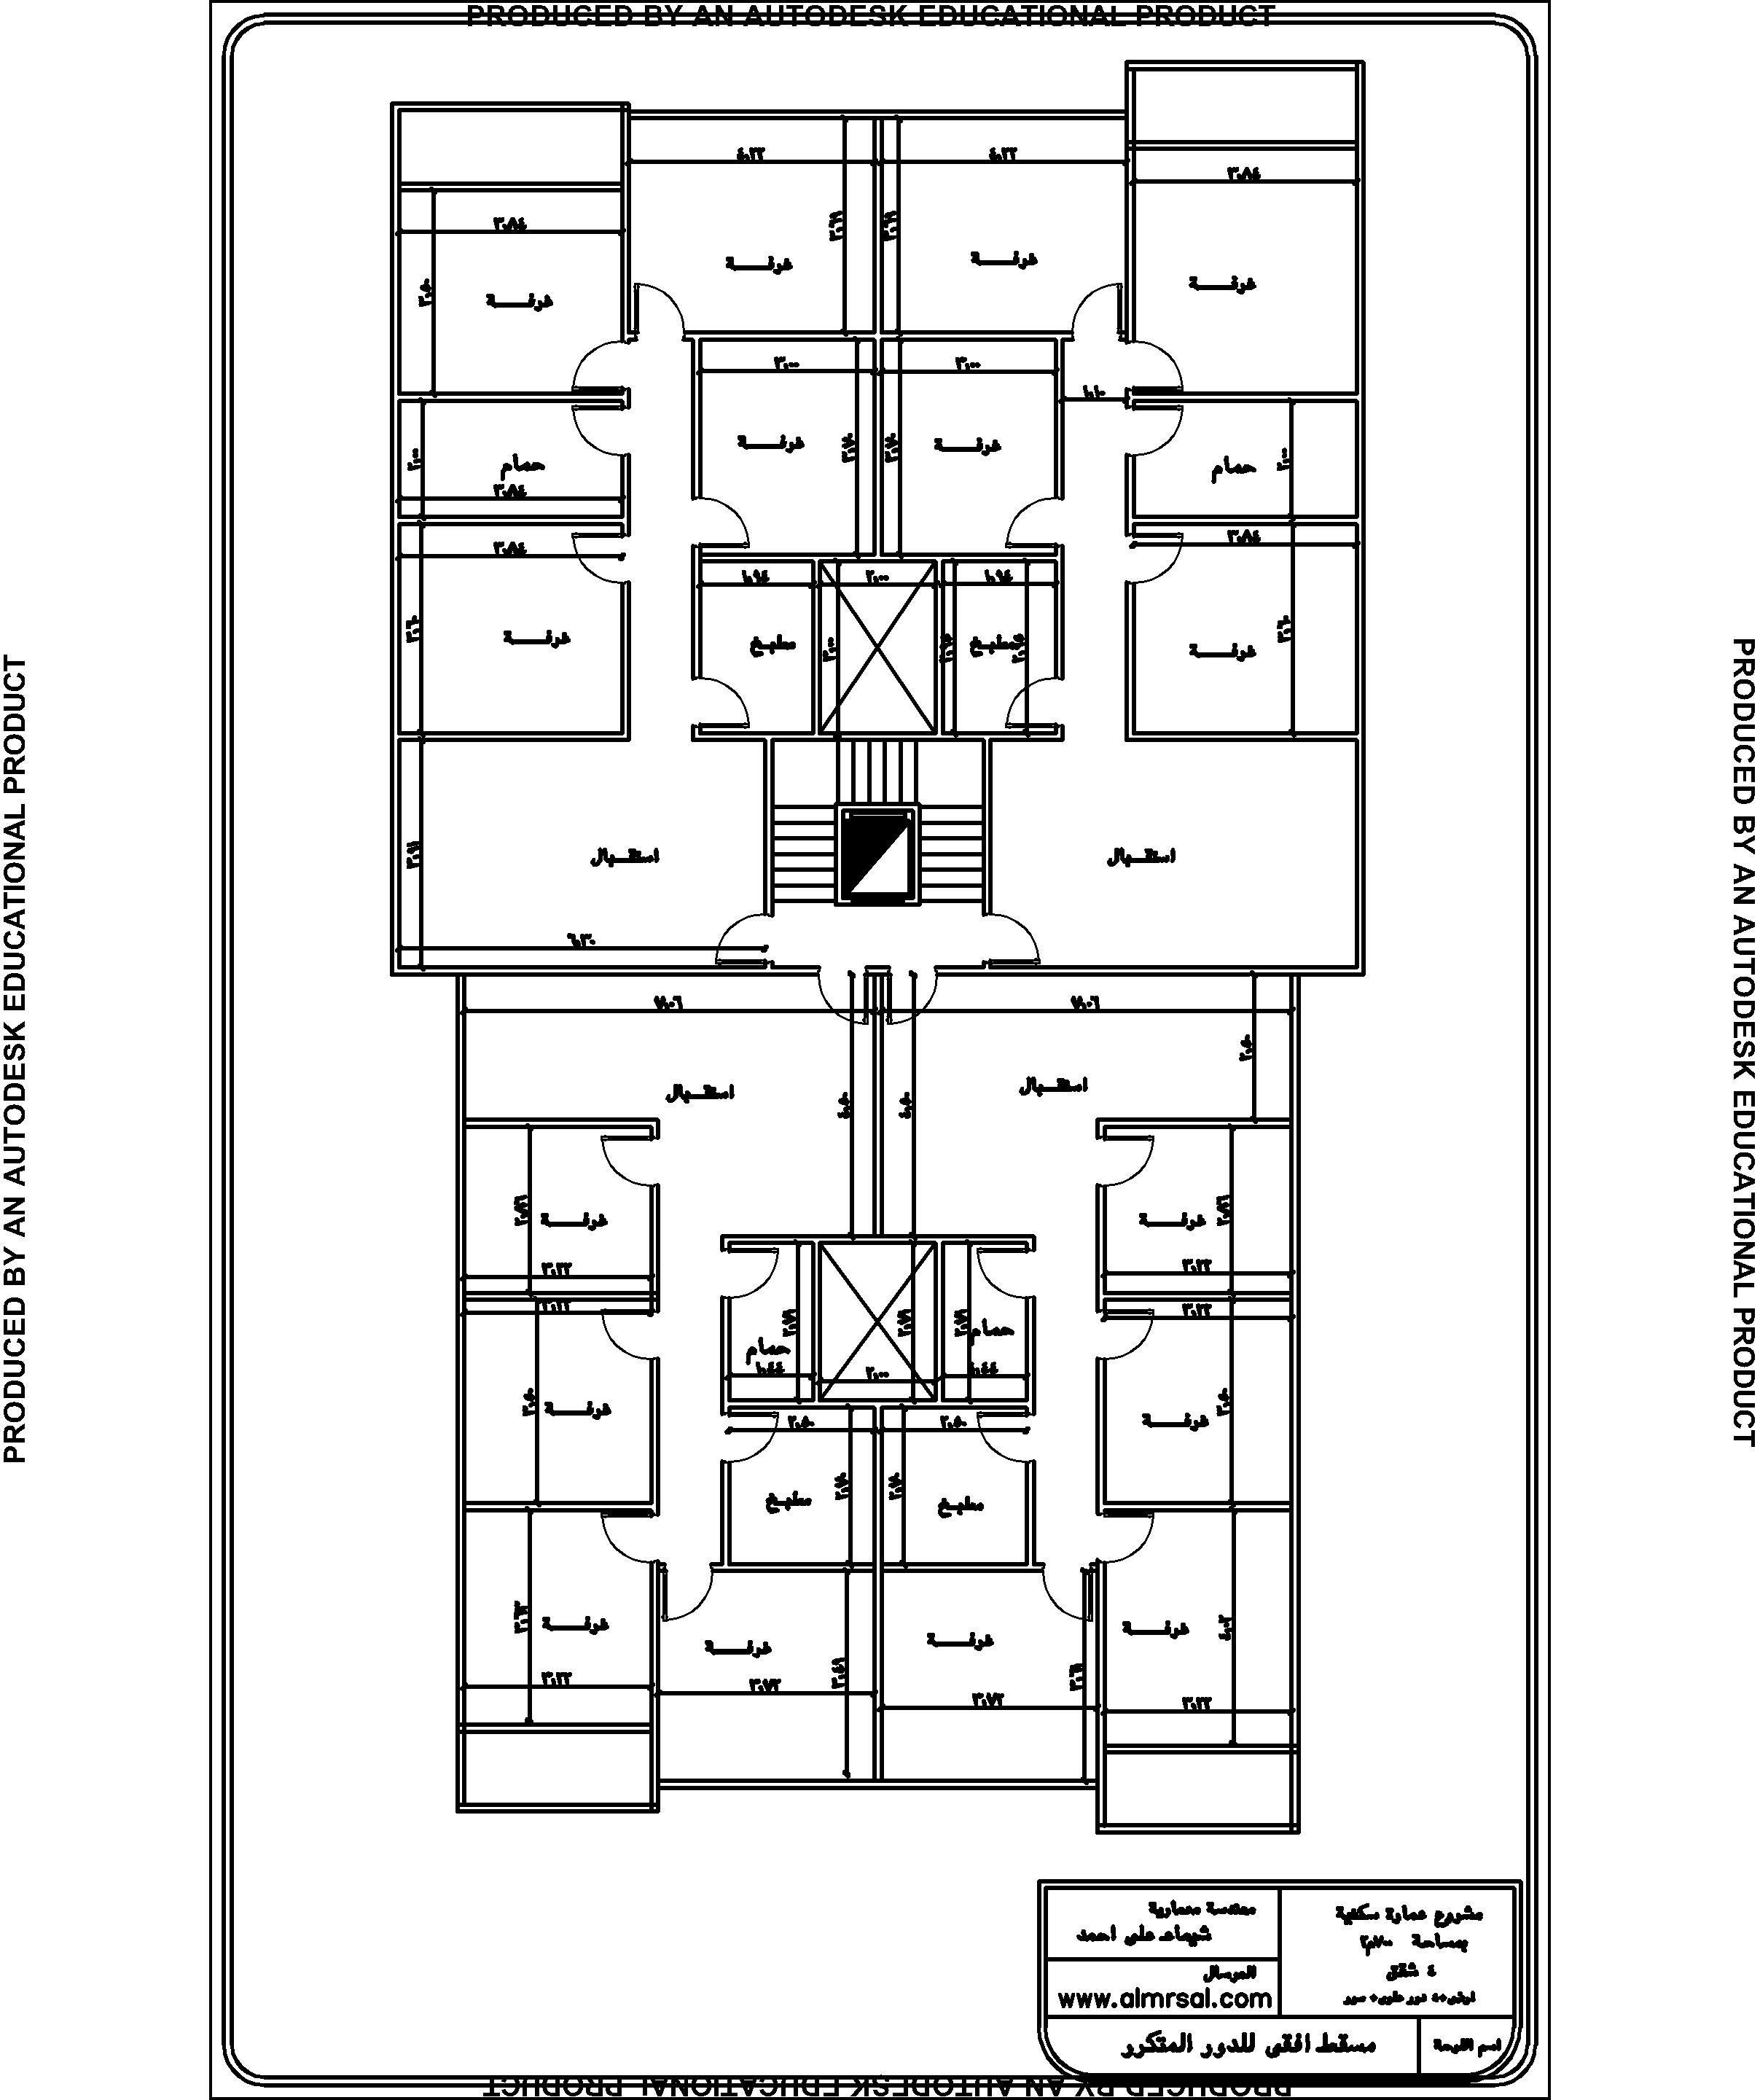 مشروع عمارة سكنية اربعة شقق بمساحة 700 متر مربع  مشروع عمارة سكنية اربعة شقق بمساحة 700 متر مربع